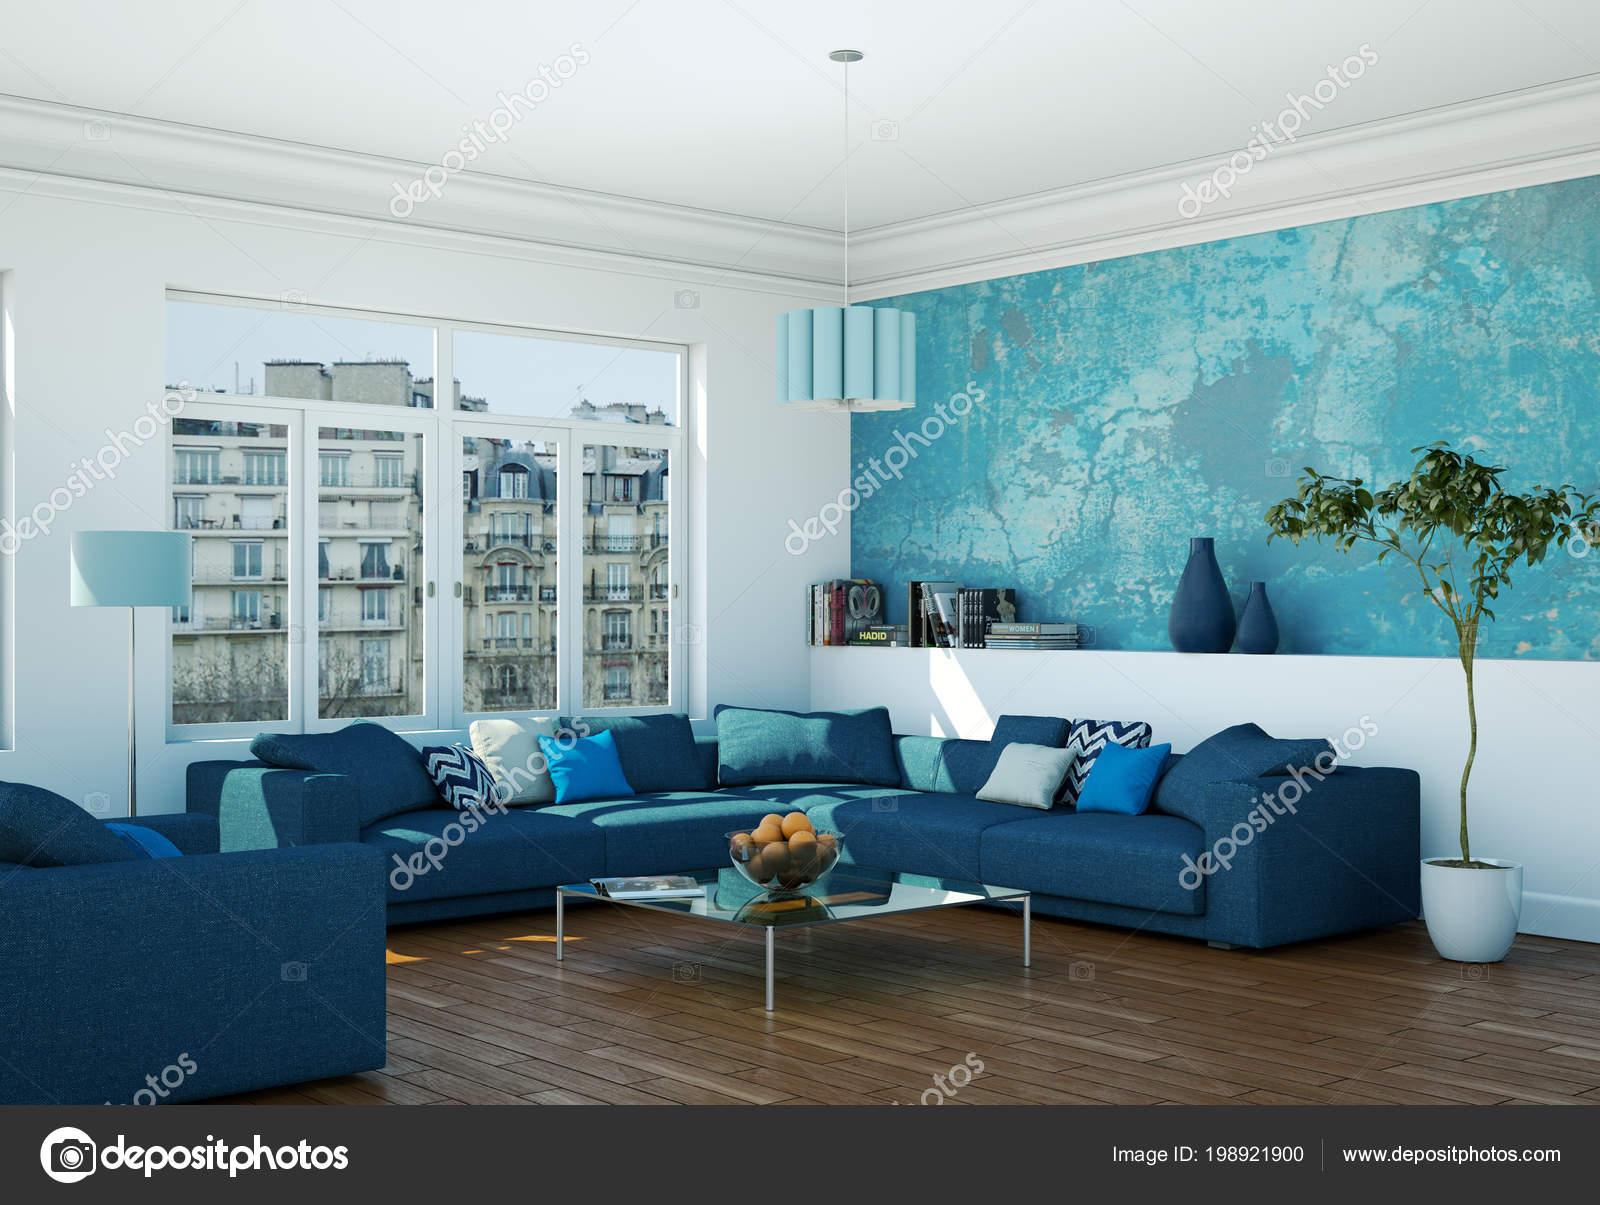 Arredamento moderno luminoso soggiorno con divani blu for Arredamento soggiorno moderno